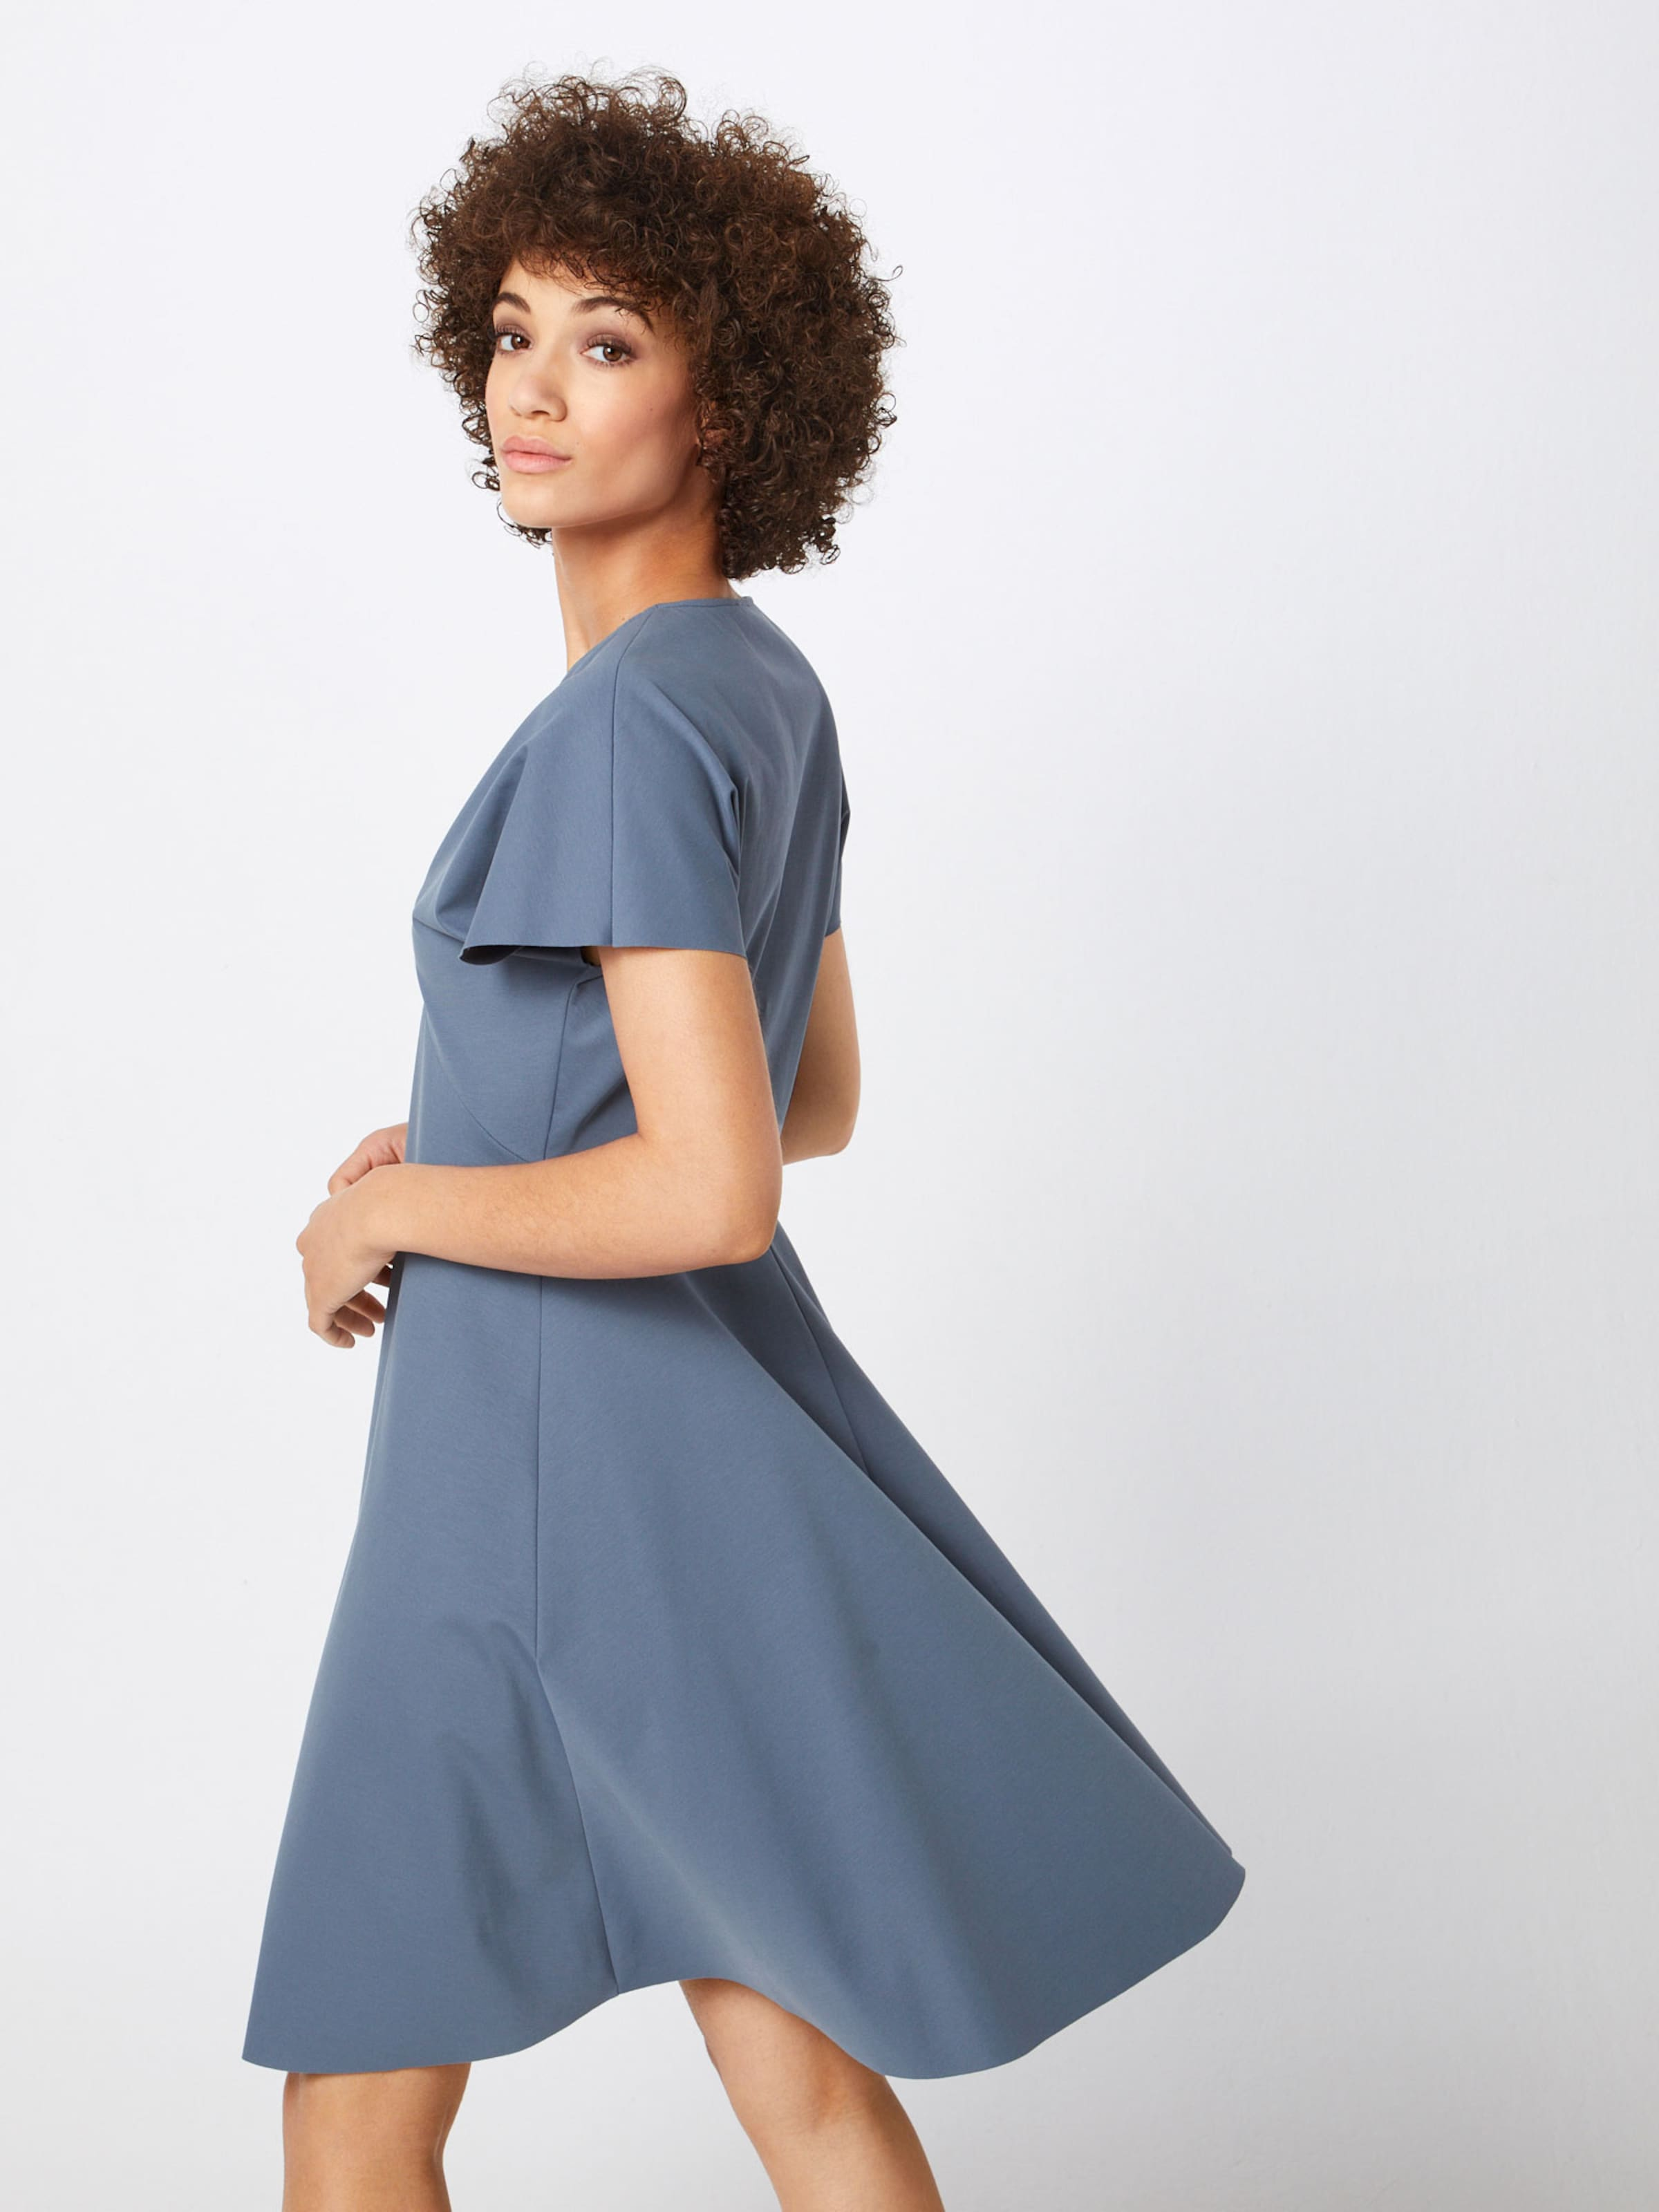 Blau Drykorn In Kleid In Blau Drykorn 'deliah' Drykorn Kleid 'deliah' bgy6f7